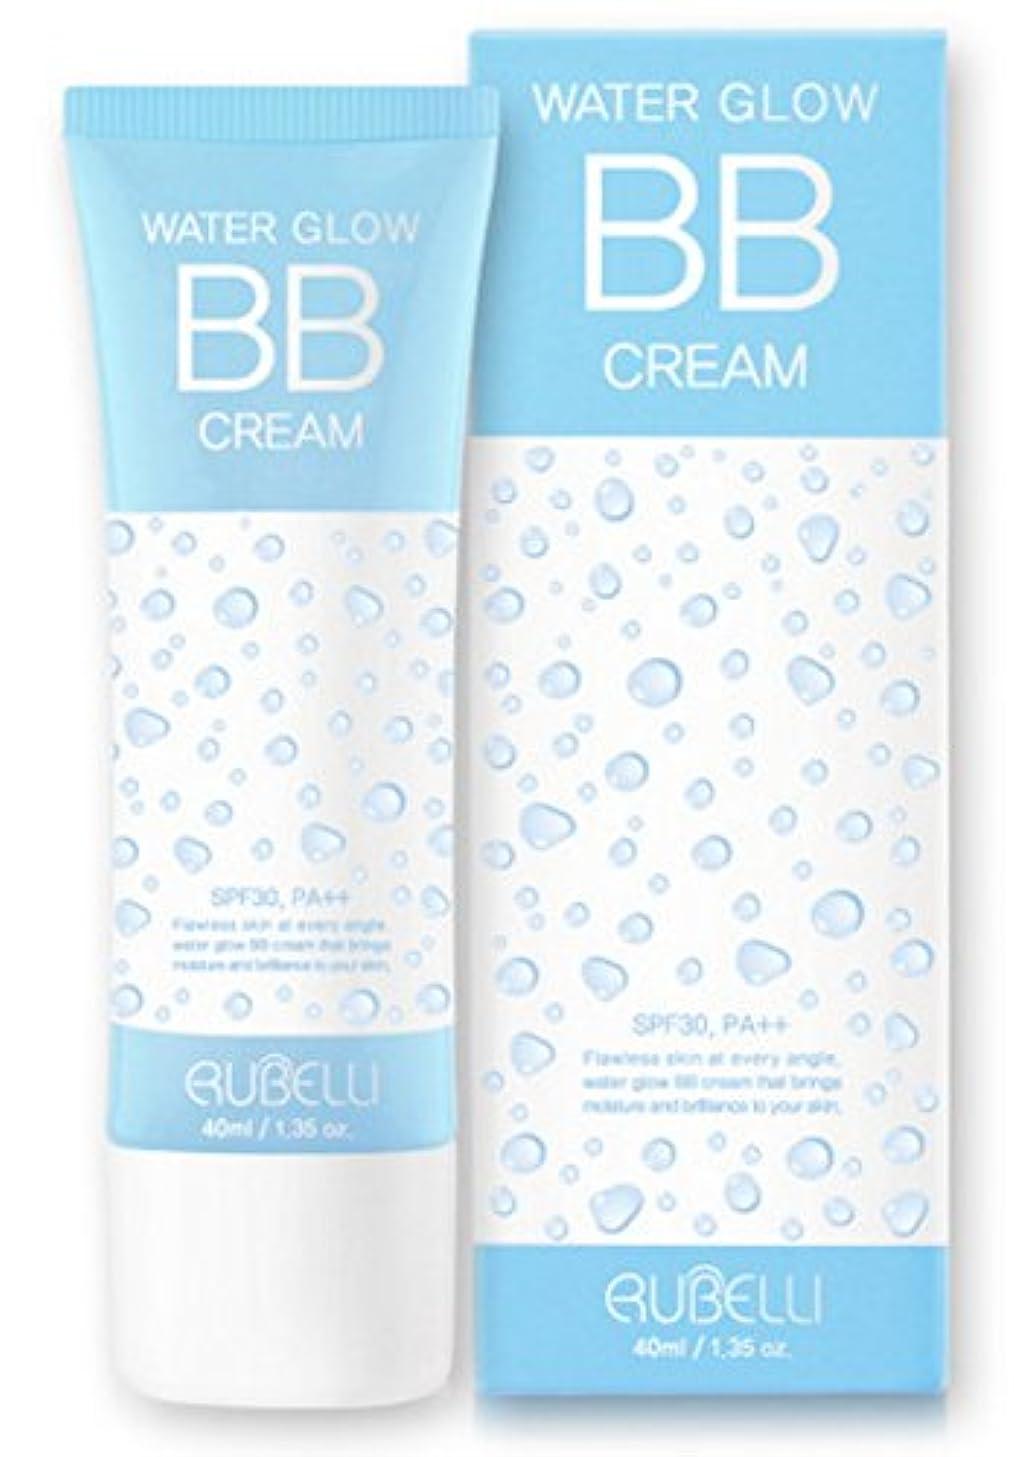 統計告白するホスト[ルーバレー] Rubelli 水グローBBクリーム Water Glow BB Cream 40ml SPF30 PA++ [並行輸入品]